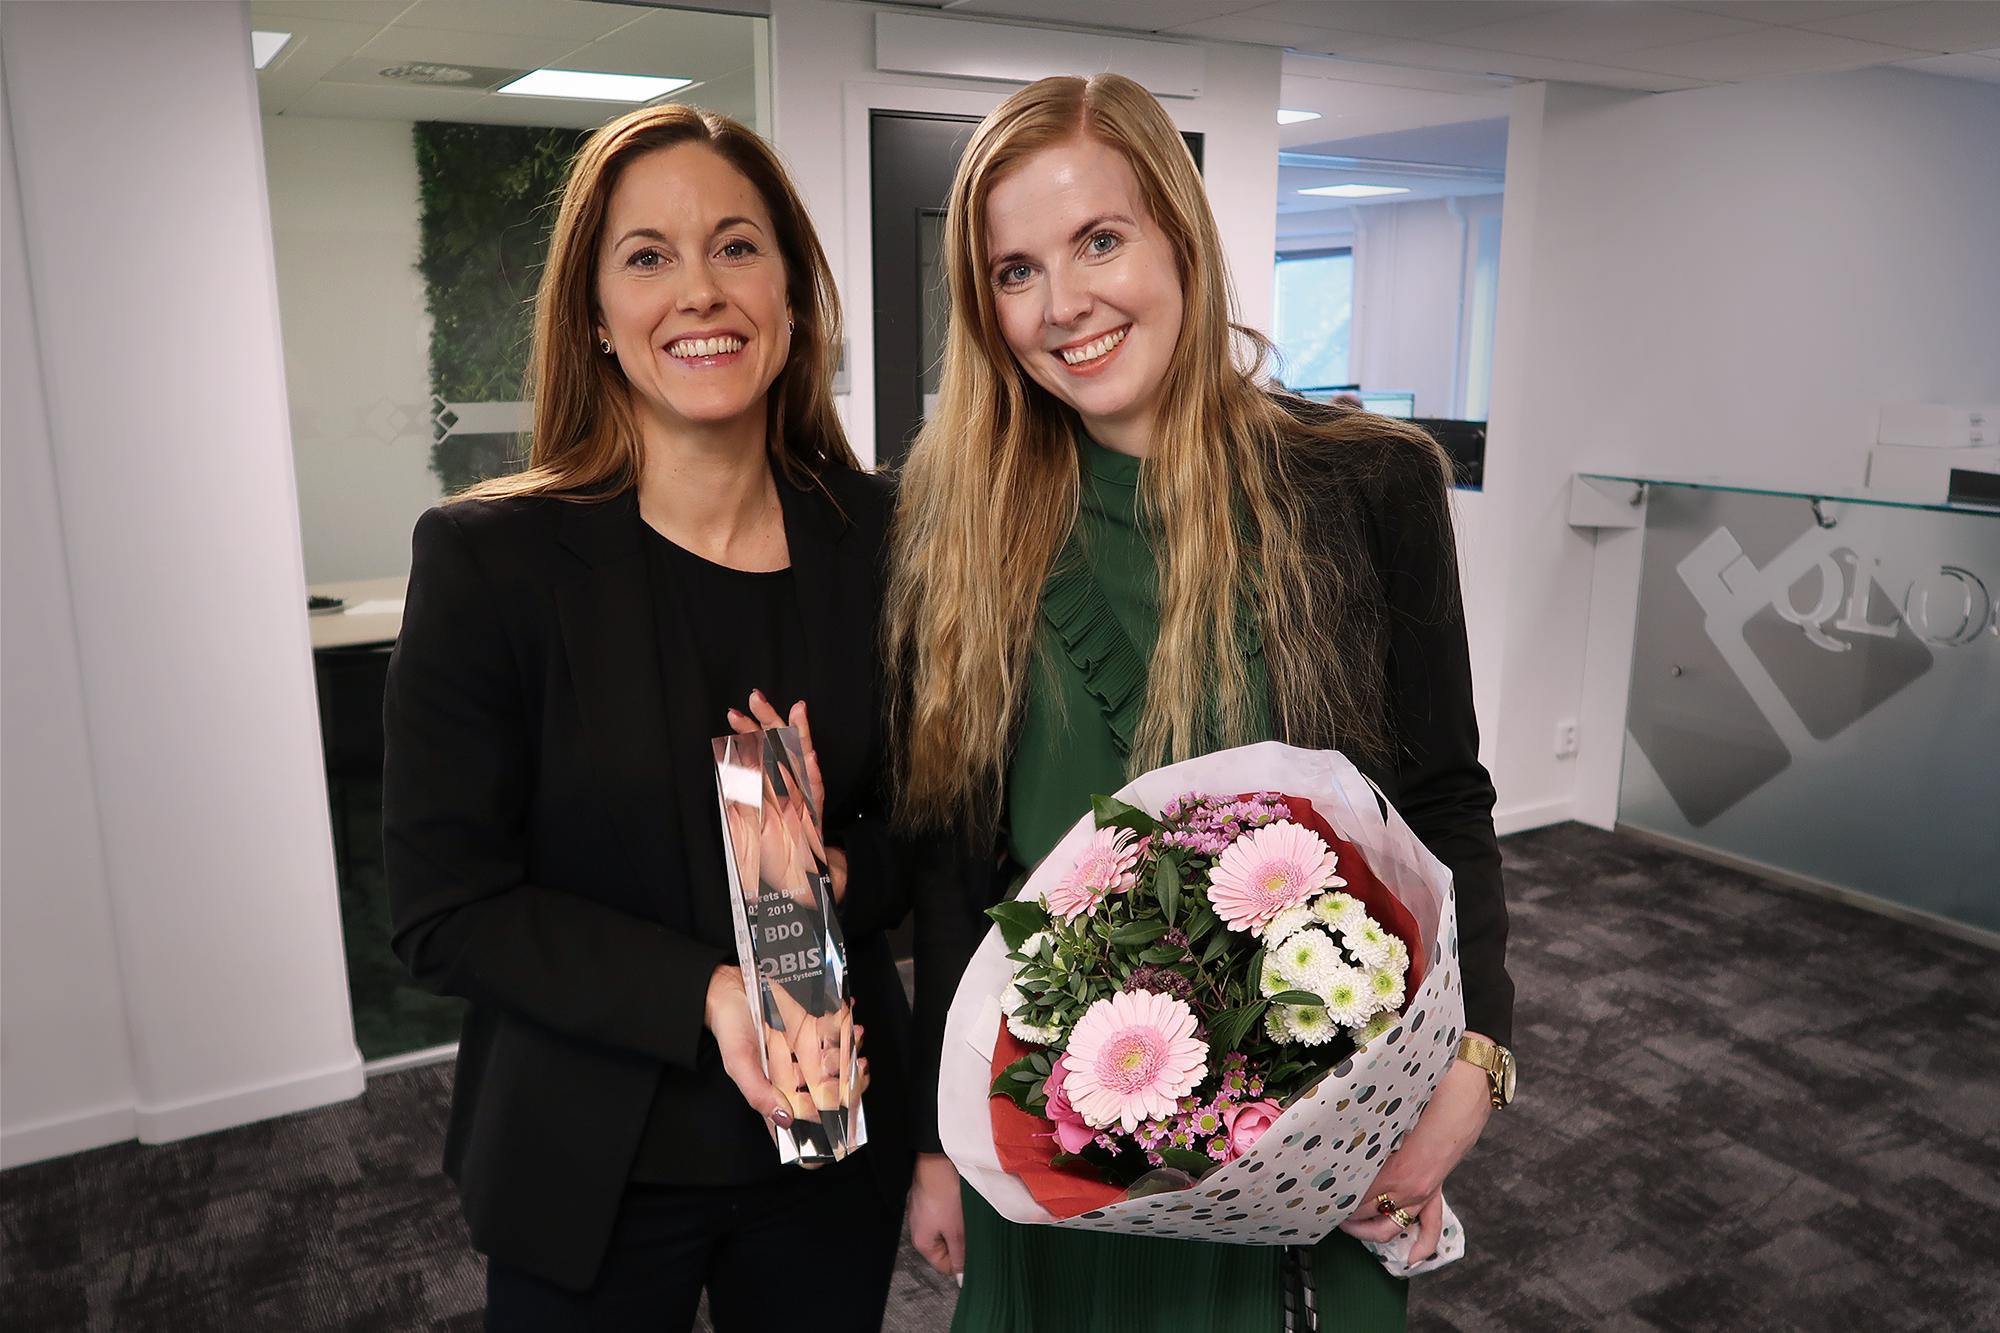 Två kvinnor med pris Årets Byrå och blombukett för QBIS Partner Awards